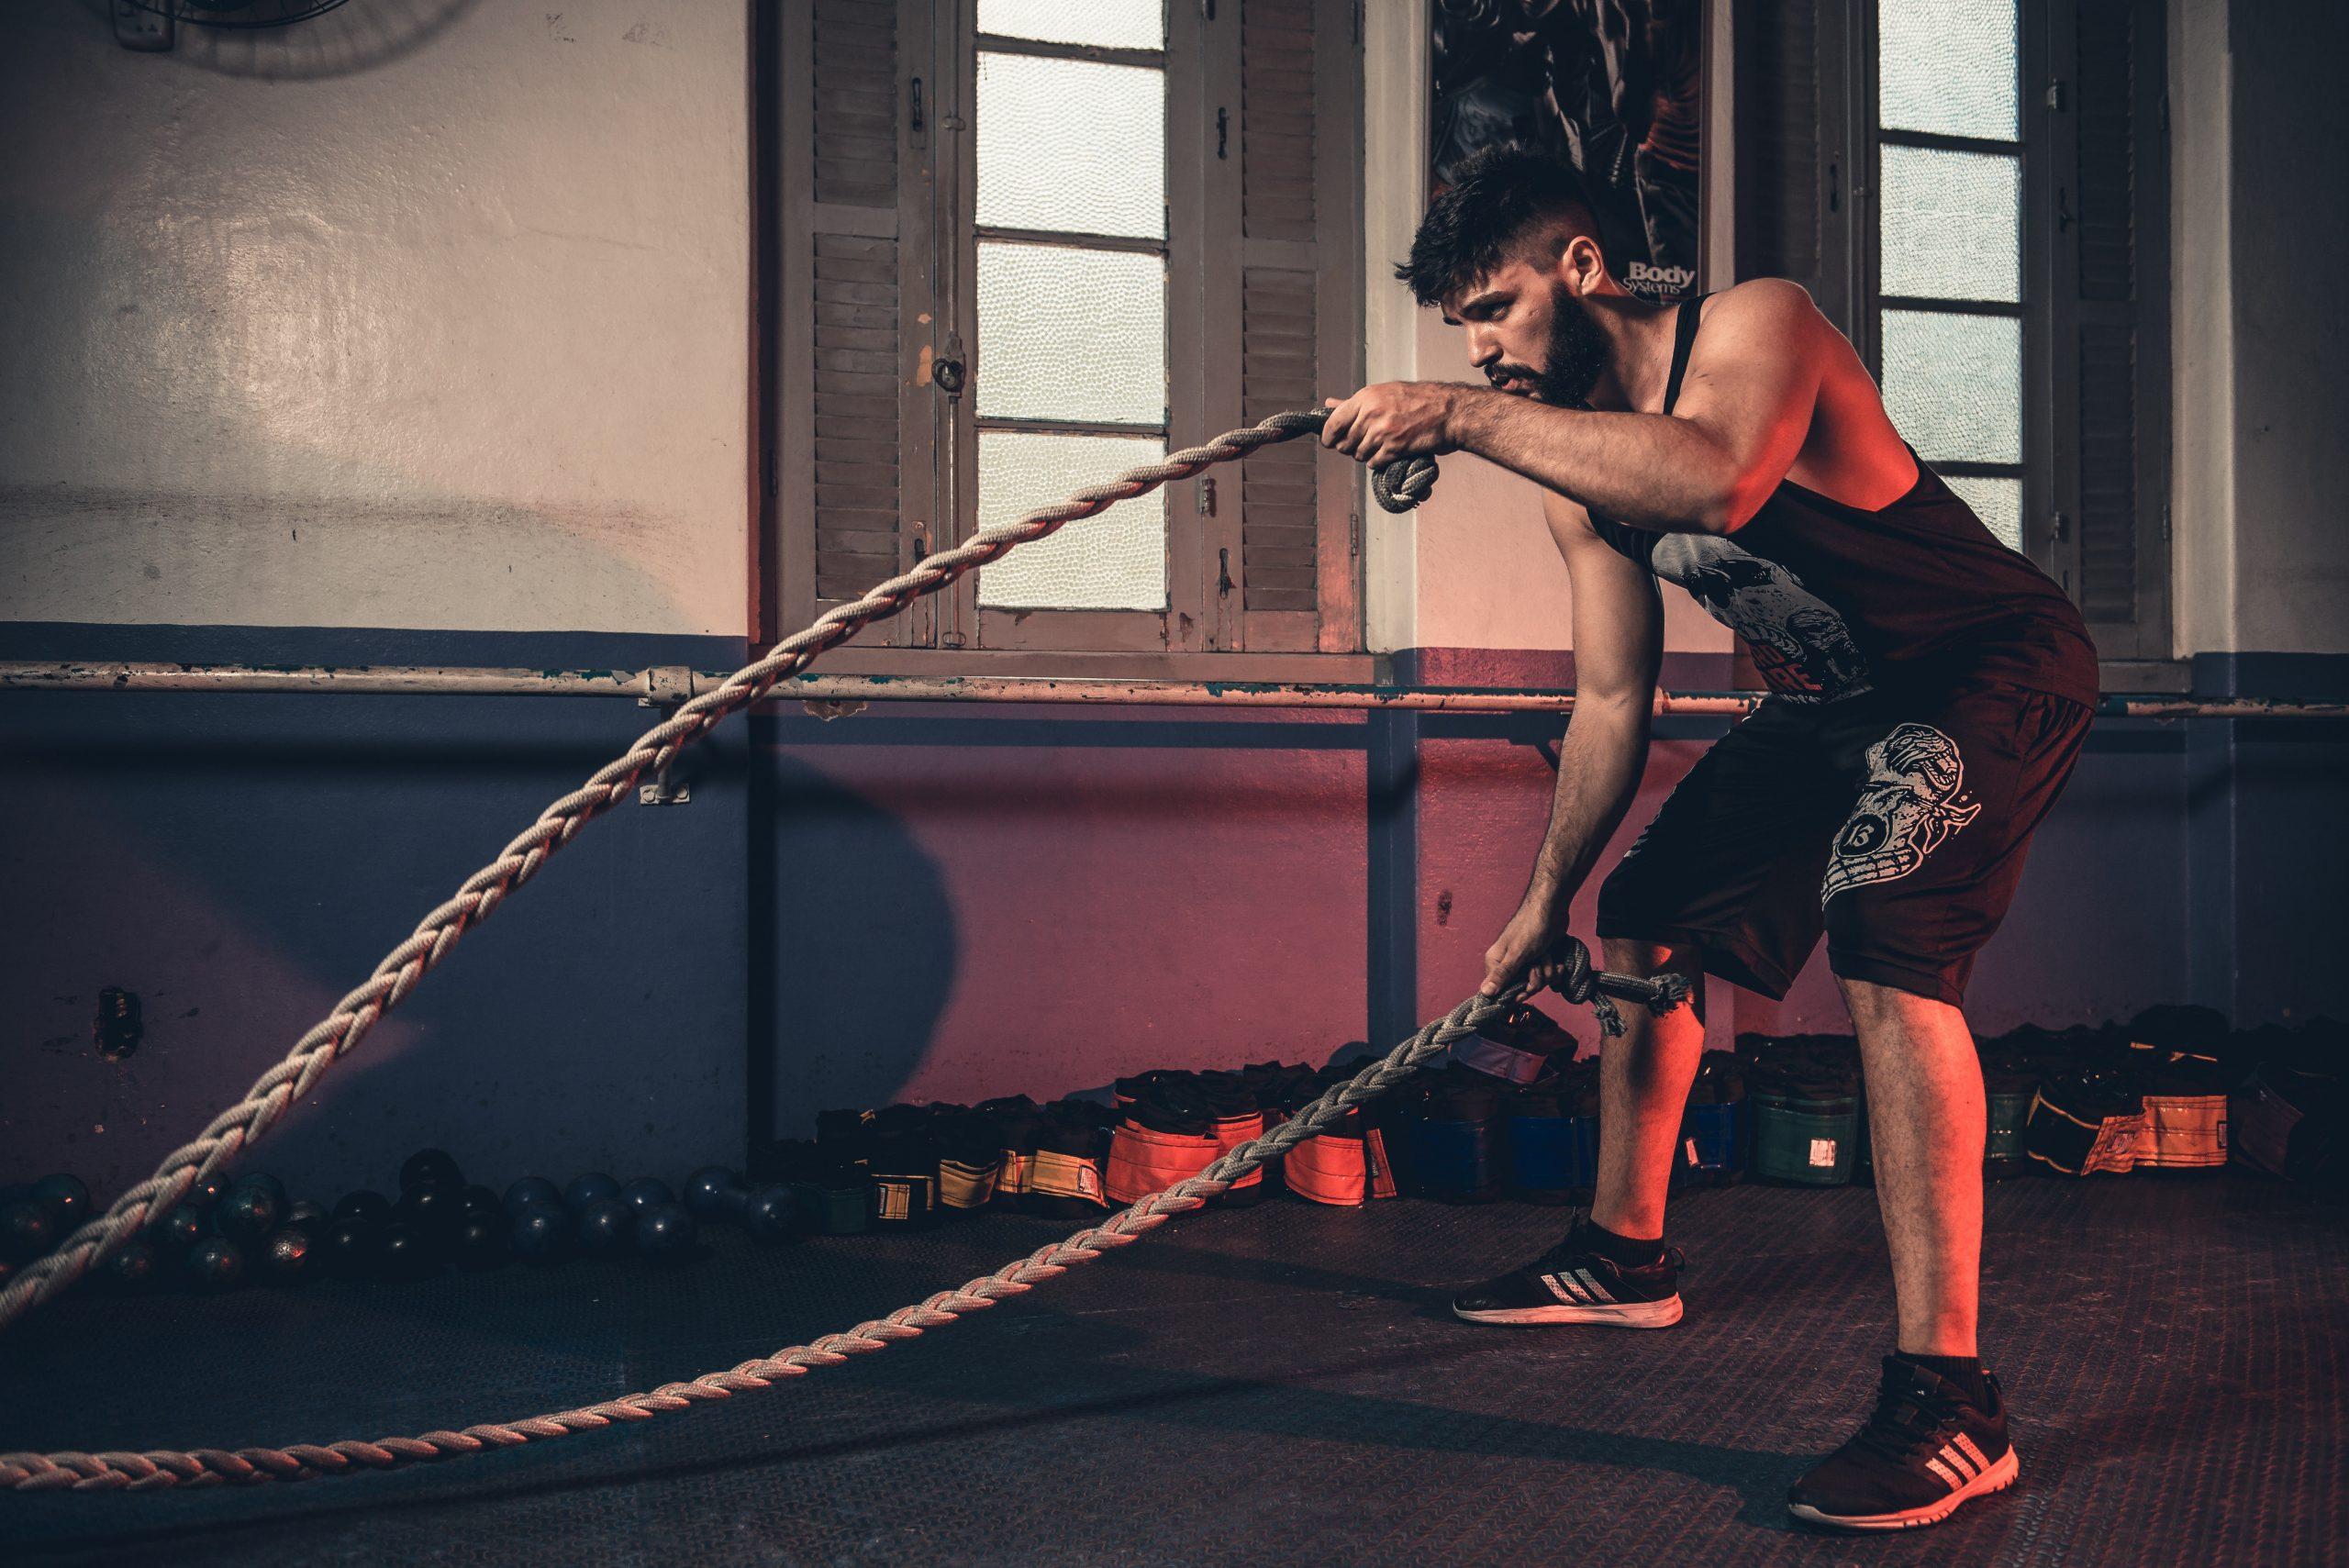 Imagem de um homem treinando com uma corda.